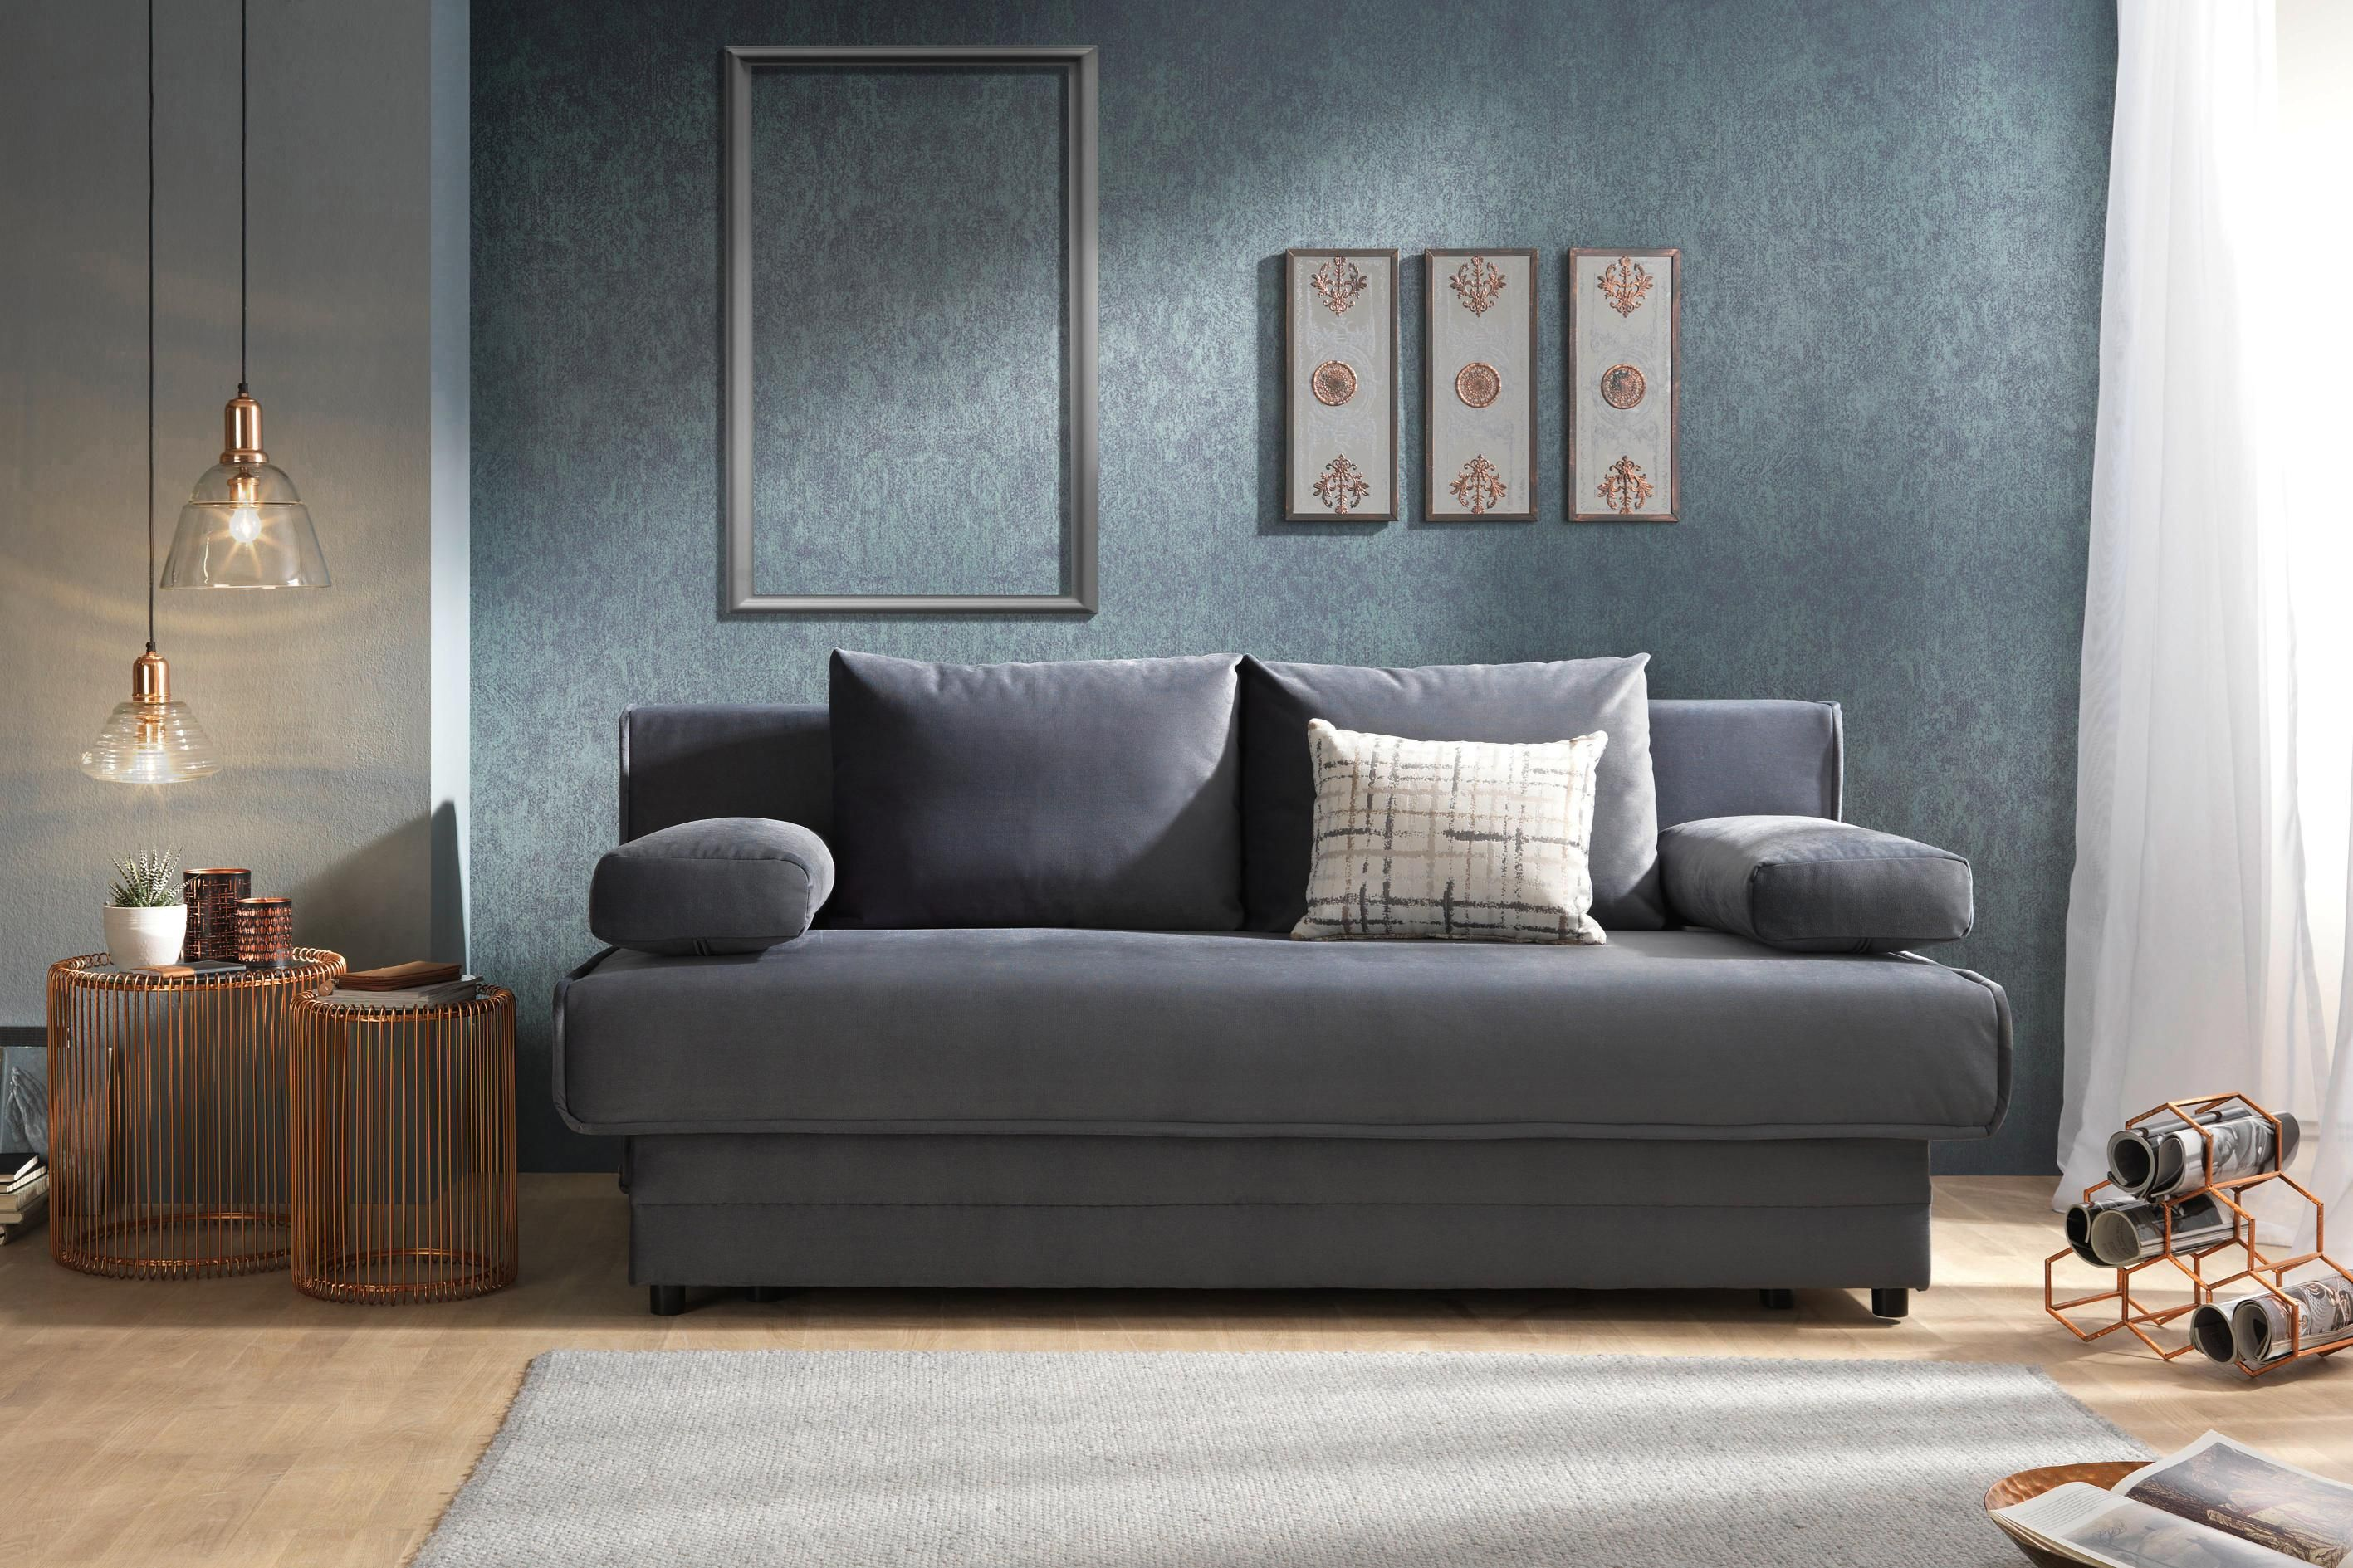 Top Ergebnis 50 Elegant sofa Mit Rundecke Bilder 2017 Hjr2 2017